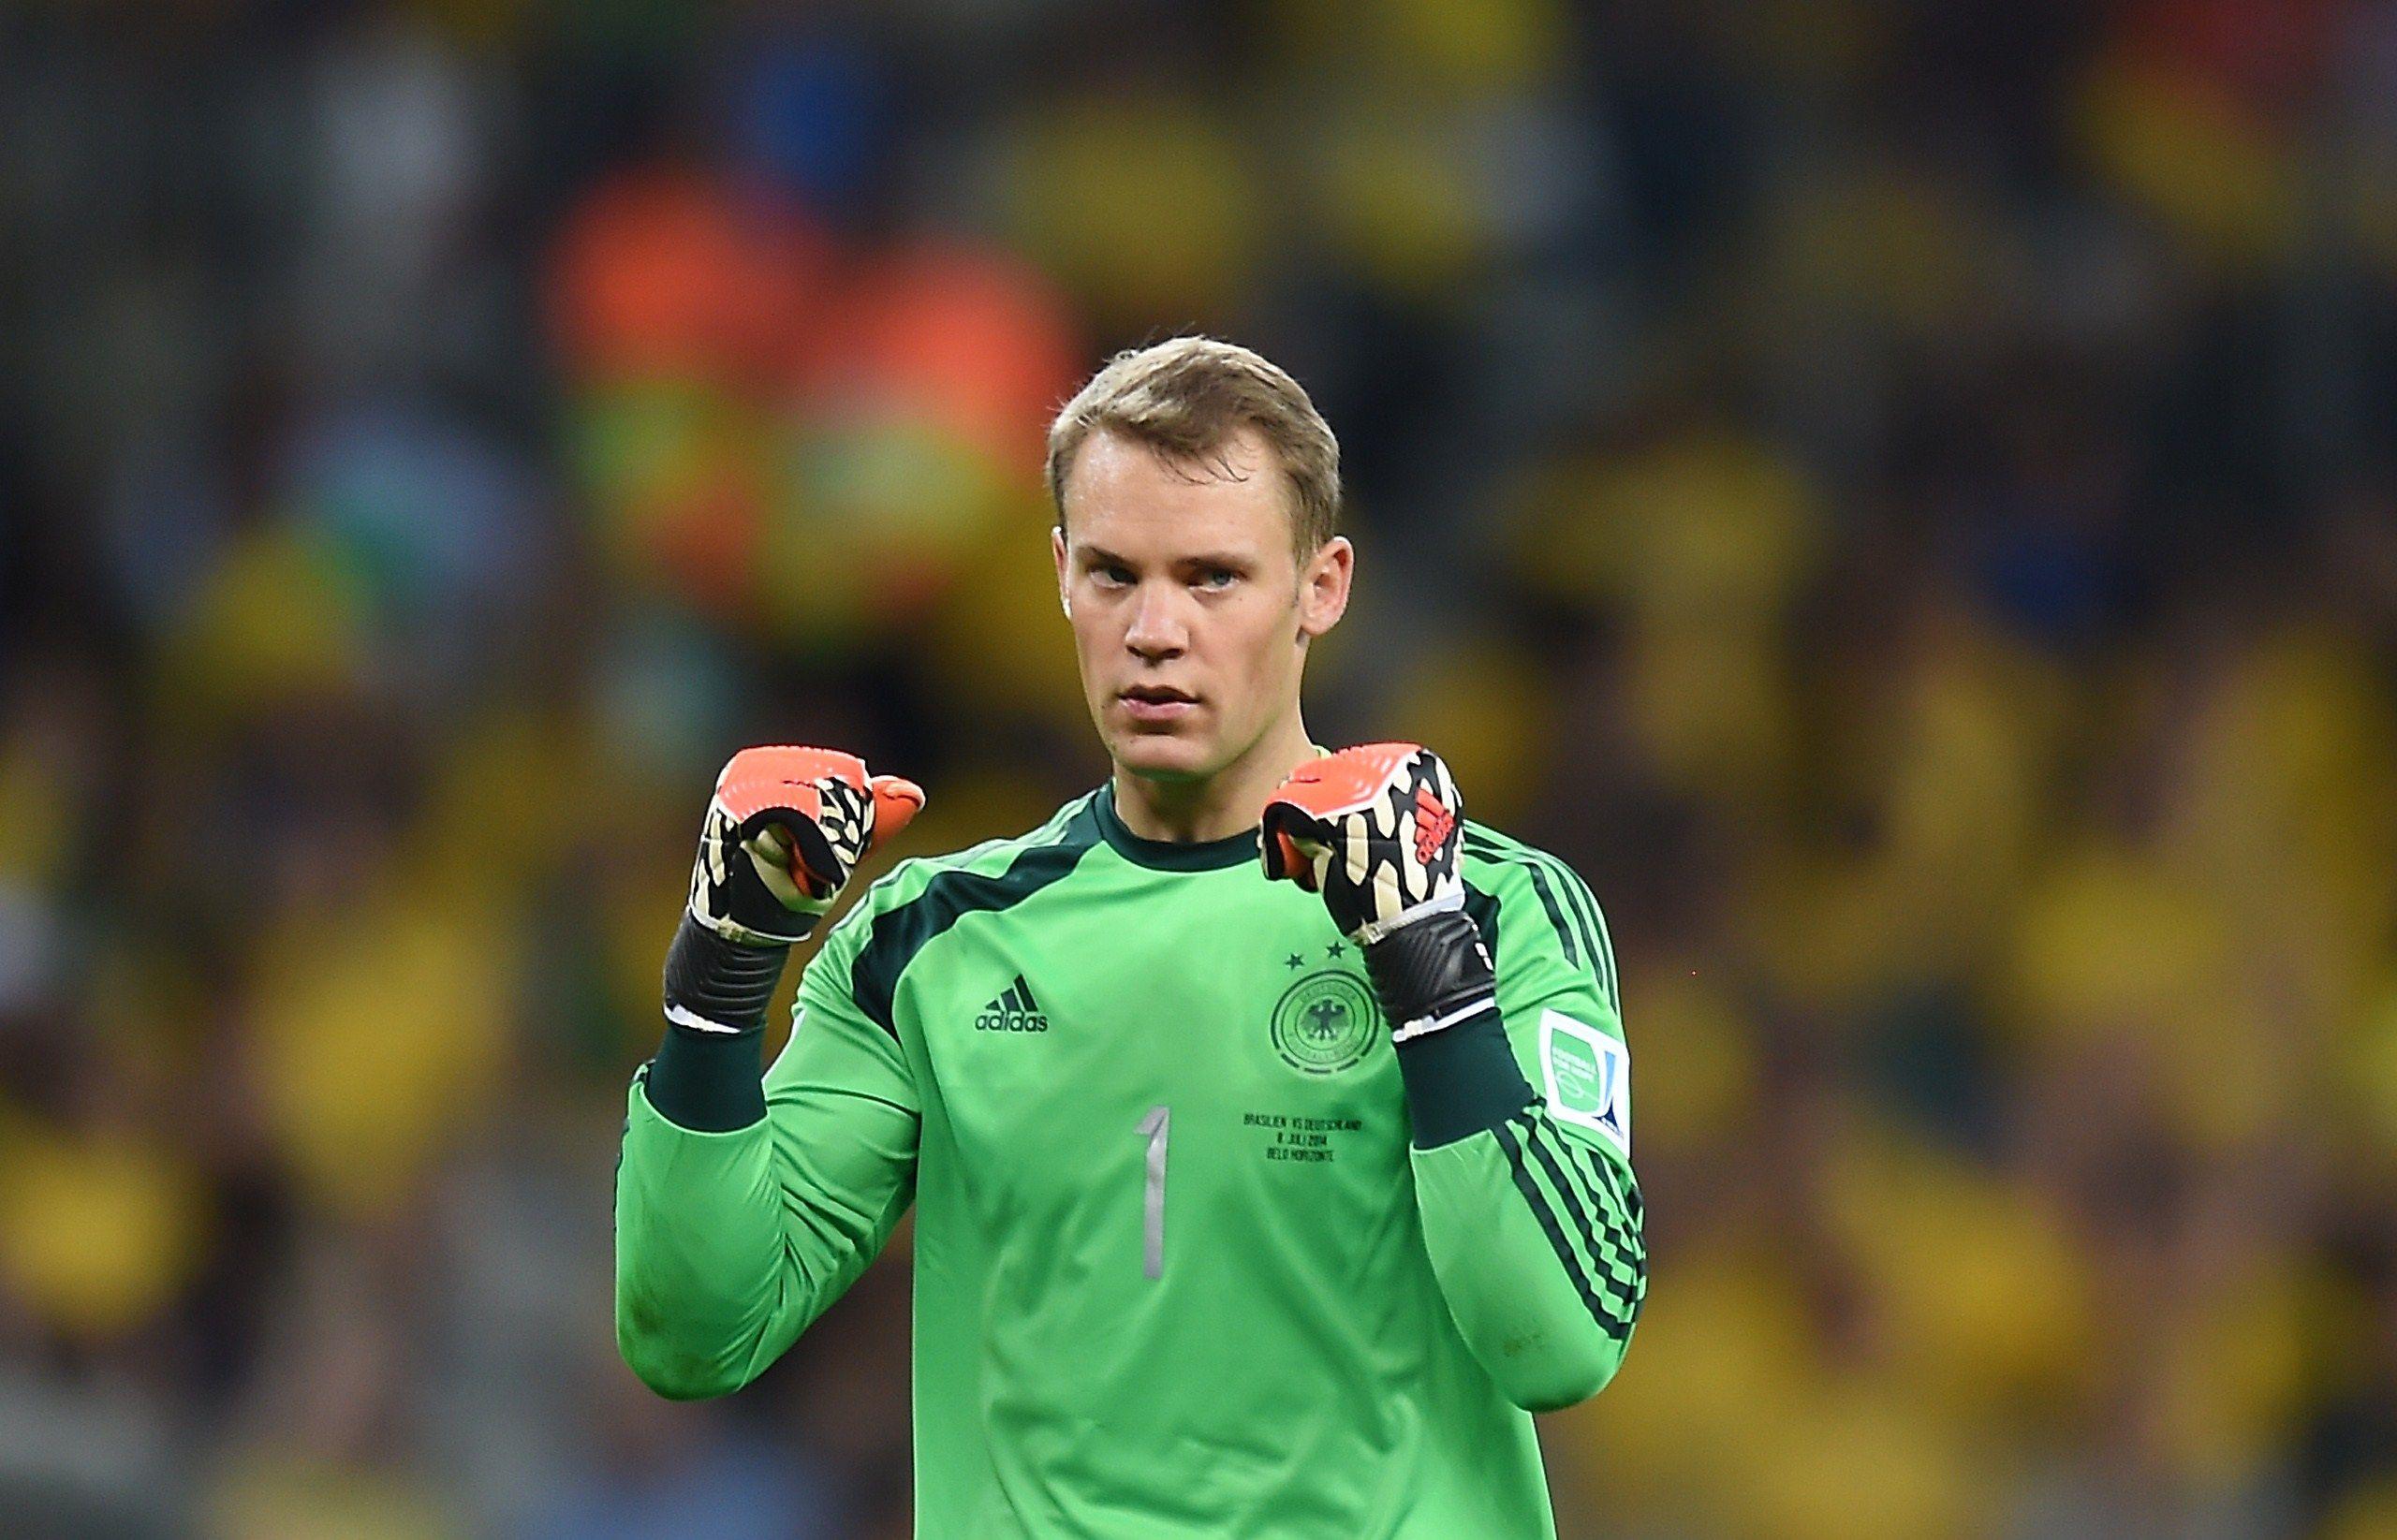 Известный немецкий футболист